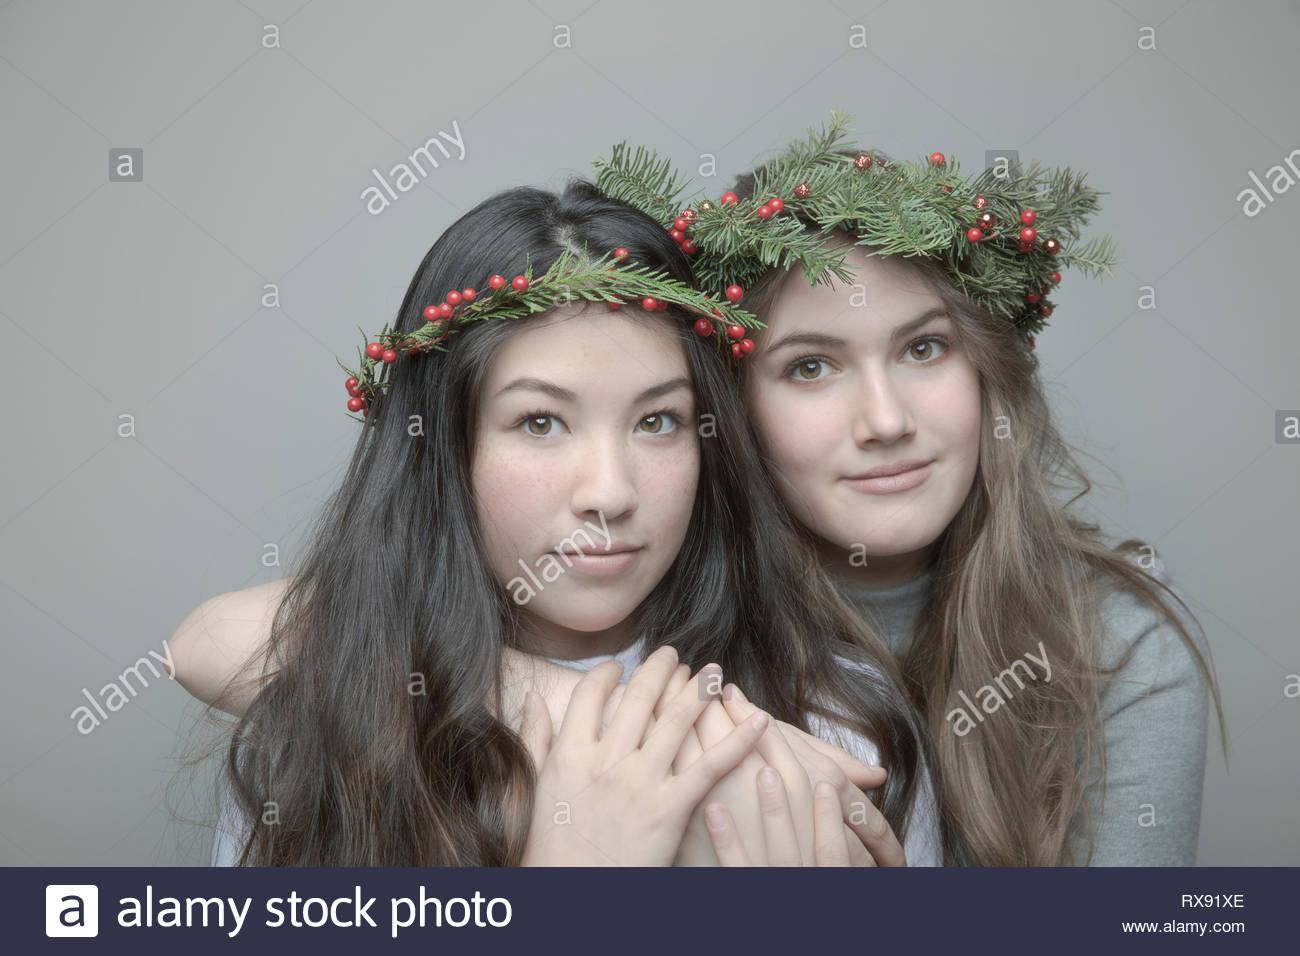 Retrato seguros hermoso adolescente amigos vestidos de navidad coronas en la cabeza. Imagen De Stock